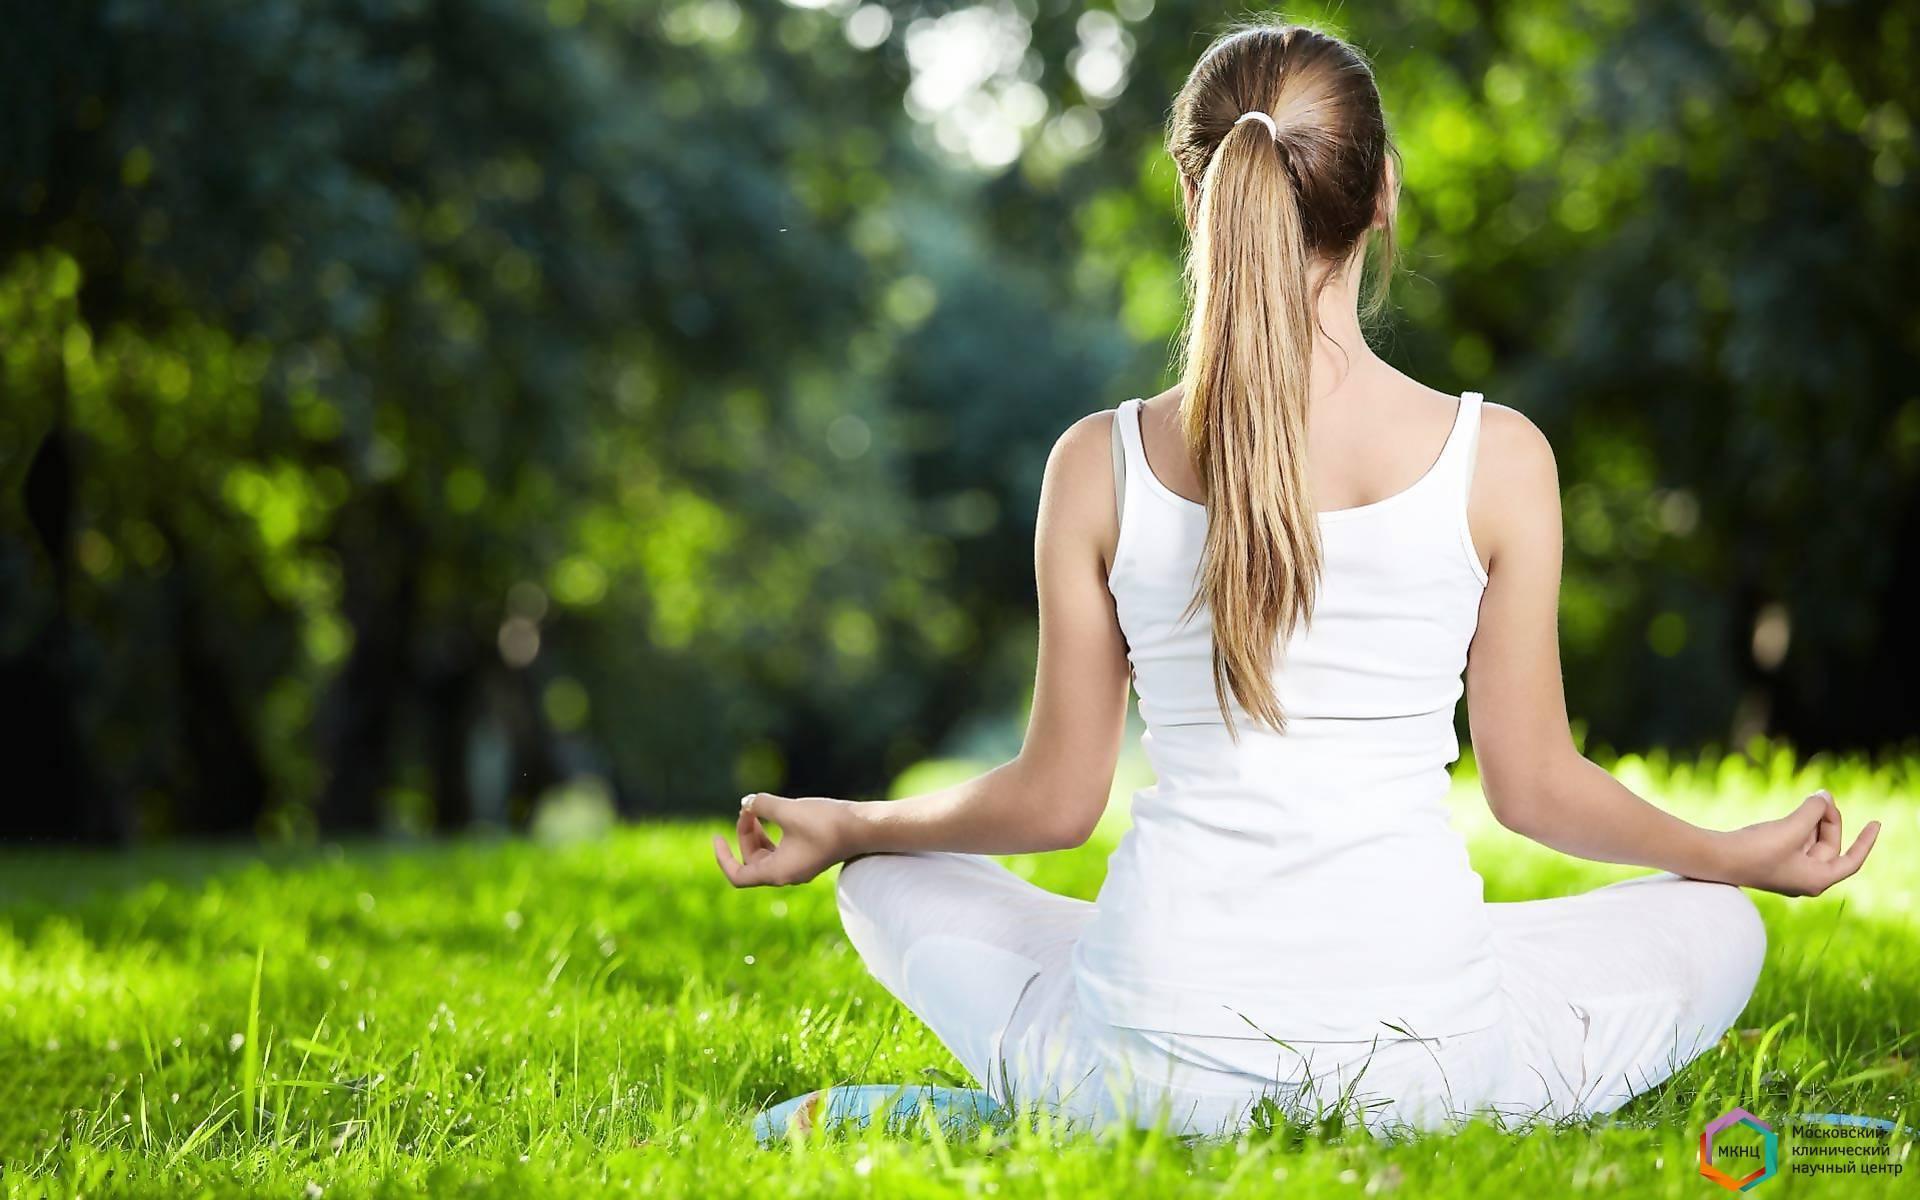 Пранаяма: техника дыхания для начинающих. польза пранаямы